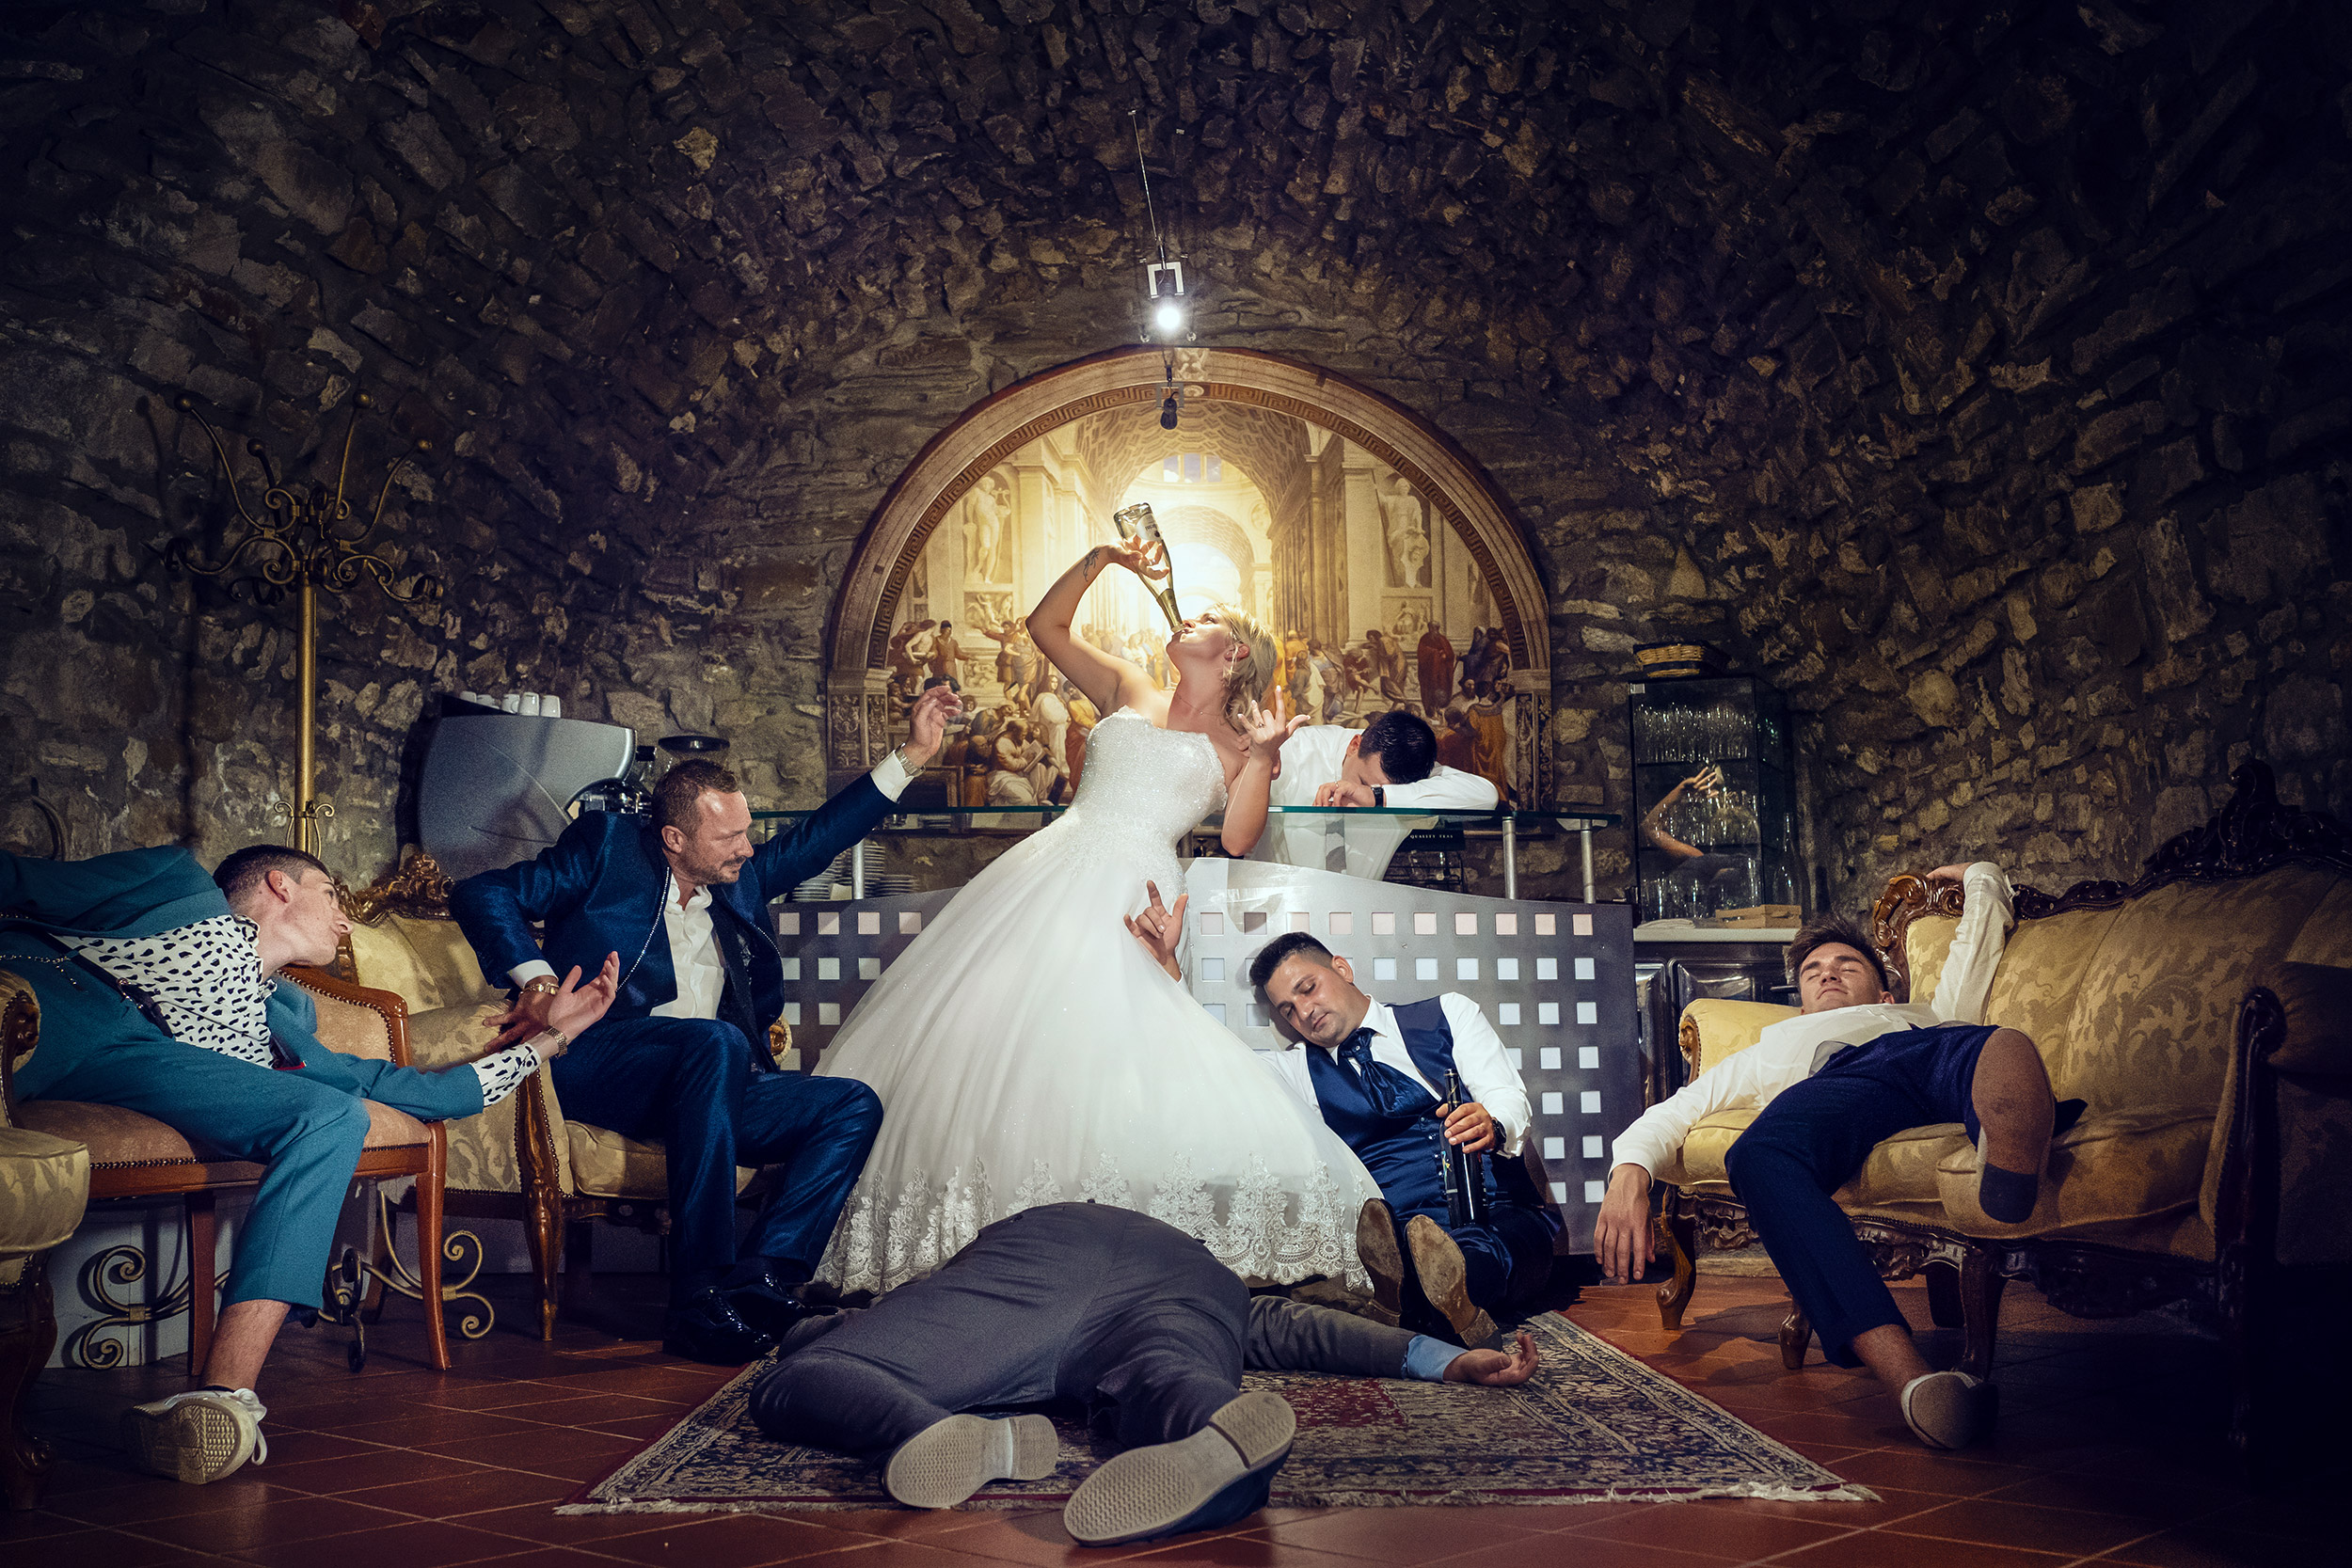 000 reportage sposi foto matrimonio wedding san giovanni delle formiche villongo bergamo 3